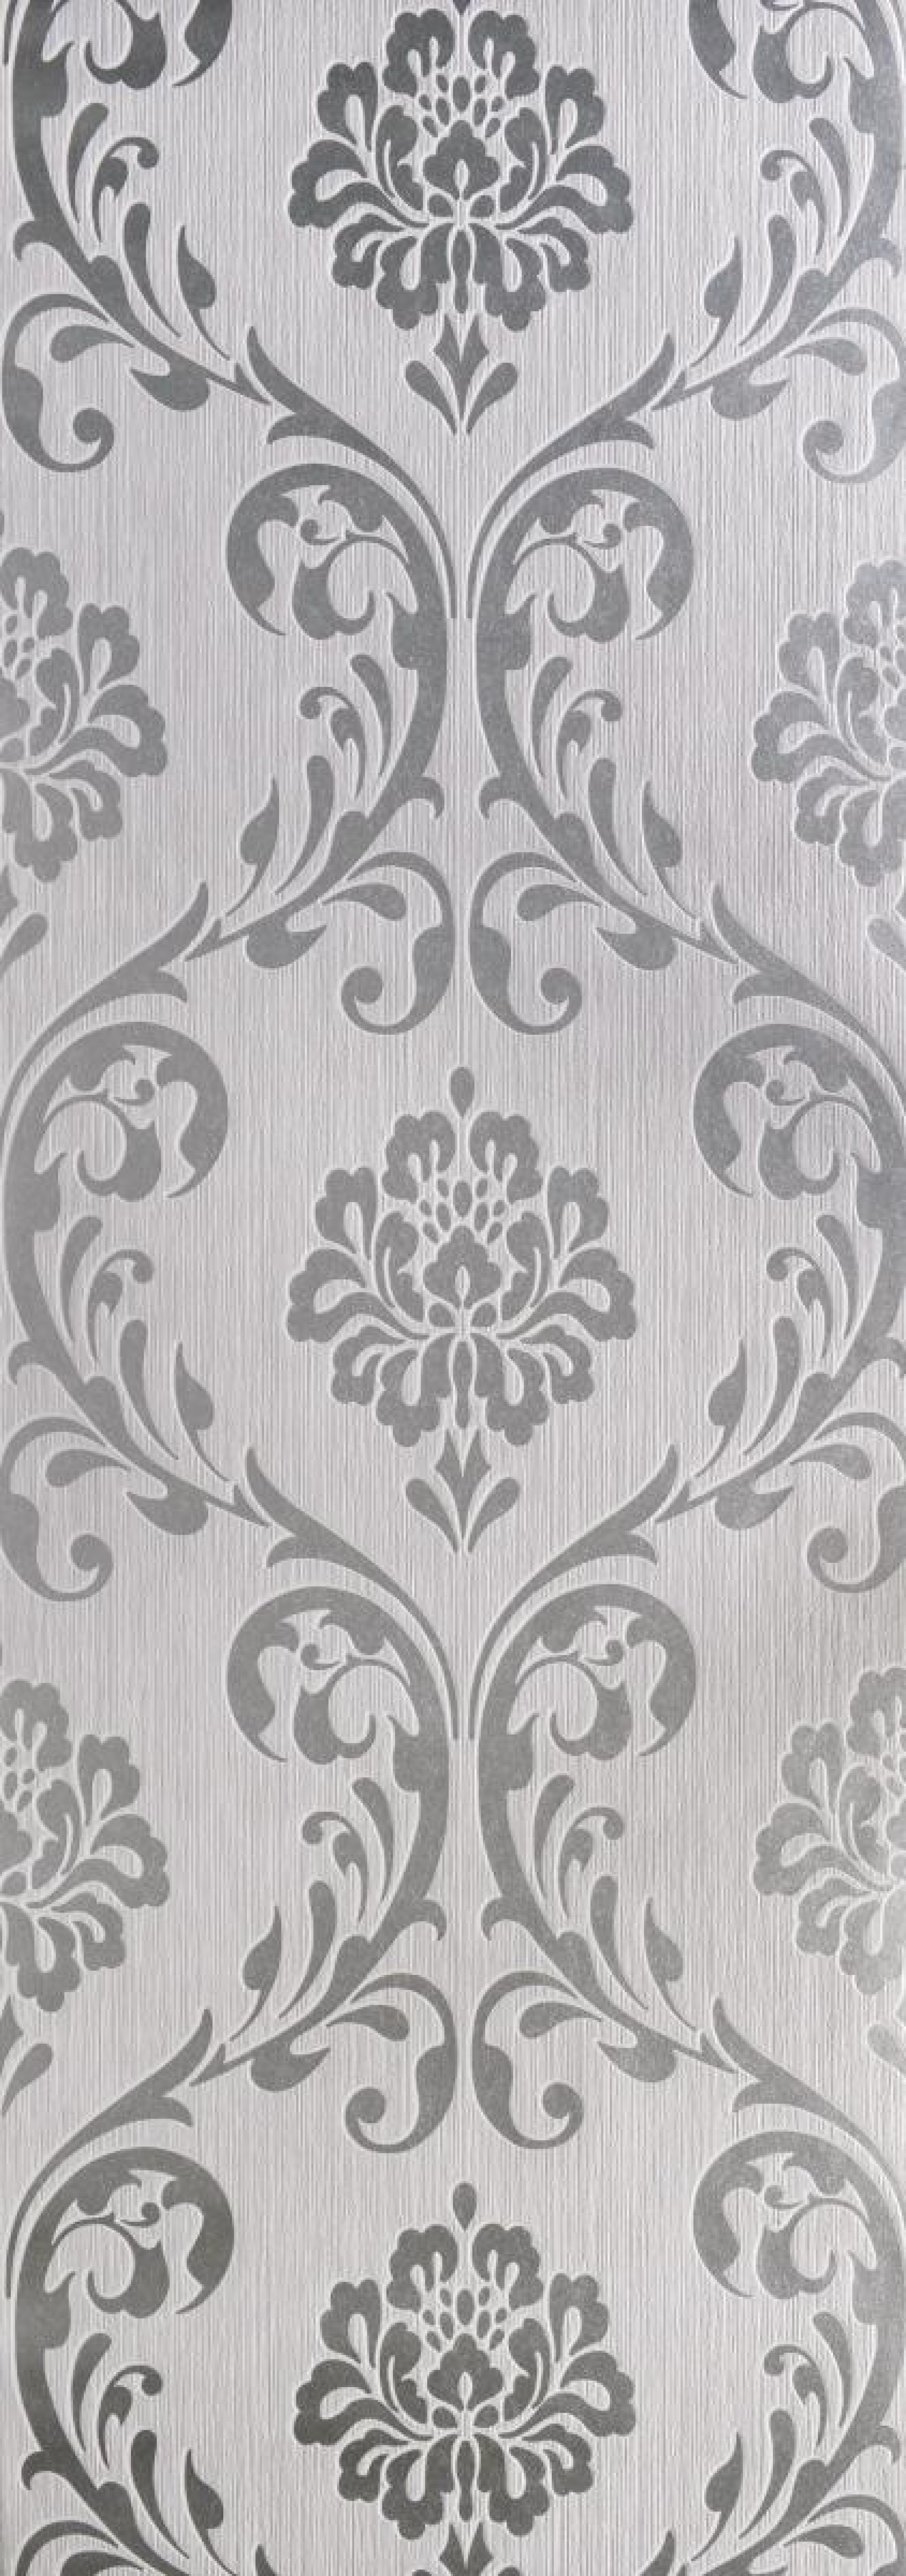 Vliestapete Ornament silber in 2019 | Tapeten, Vinyl ...